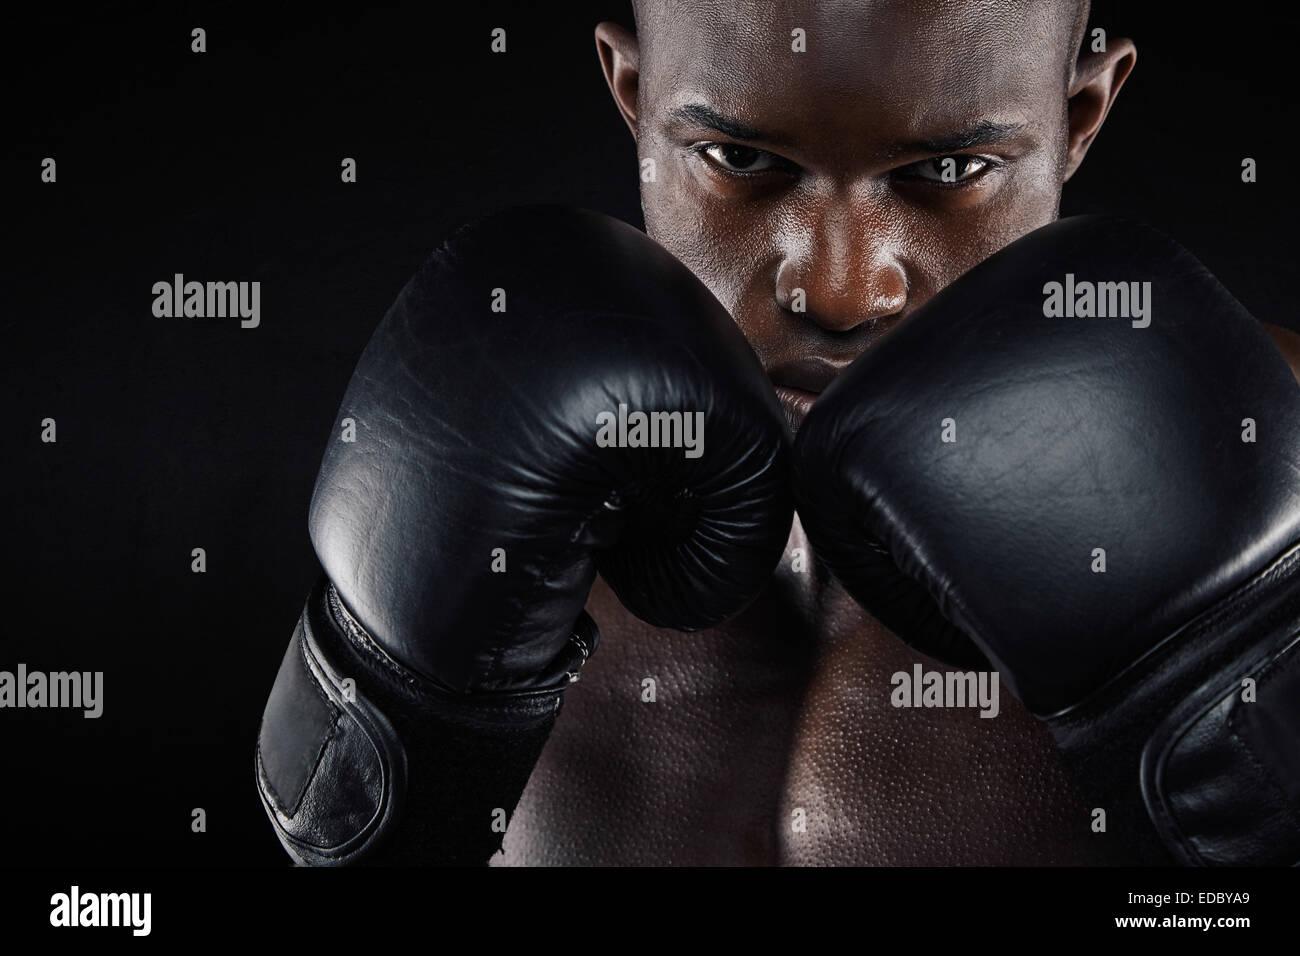 Retrato de un joven boxeador en una postura combativa sobre fondo negro. Joven haciendo ejercicio de boxeo. Imagen De Stock